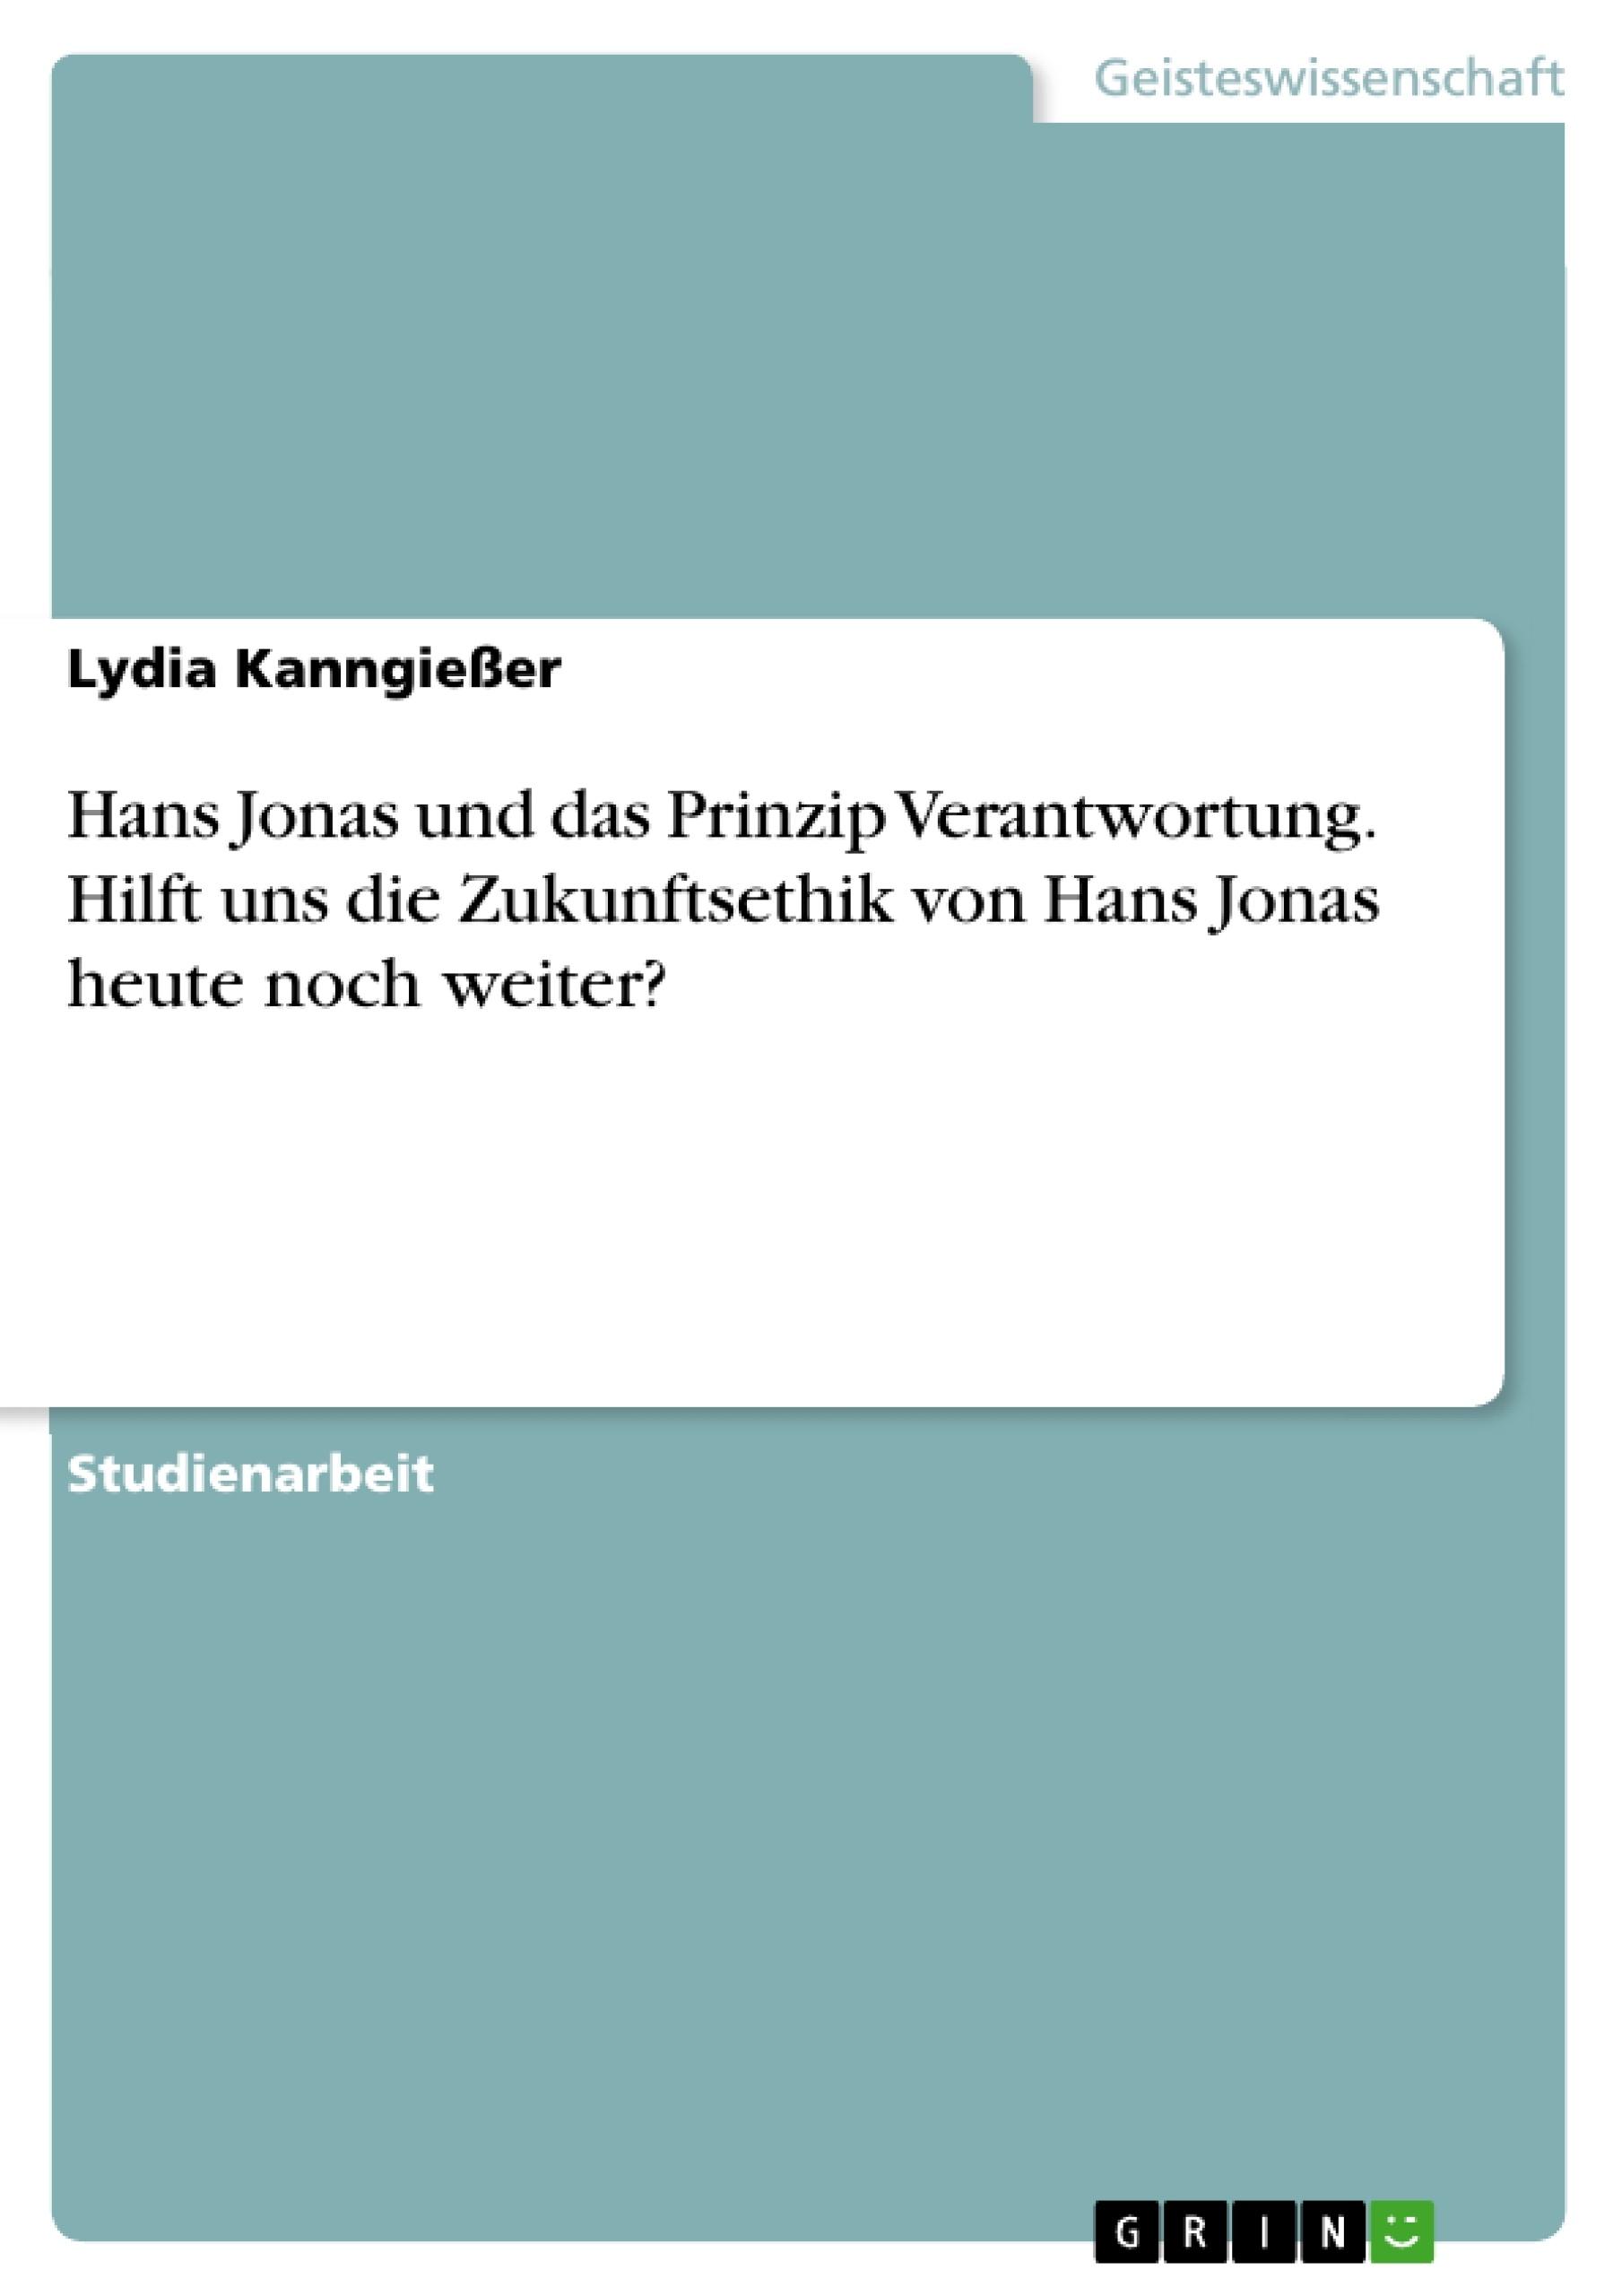 Titel: Hans Jonas und das Prinzip Verantwortung. Hilft uns die Zukunftsethik von Hans Jonas  heute noch weiter?